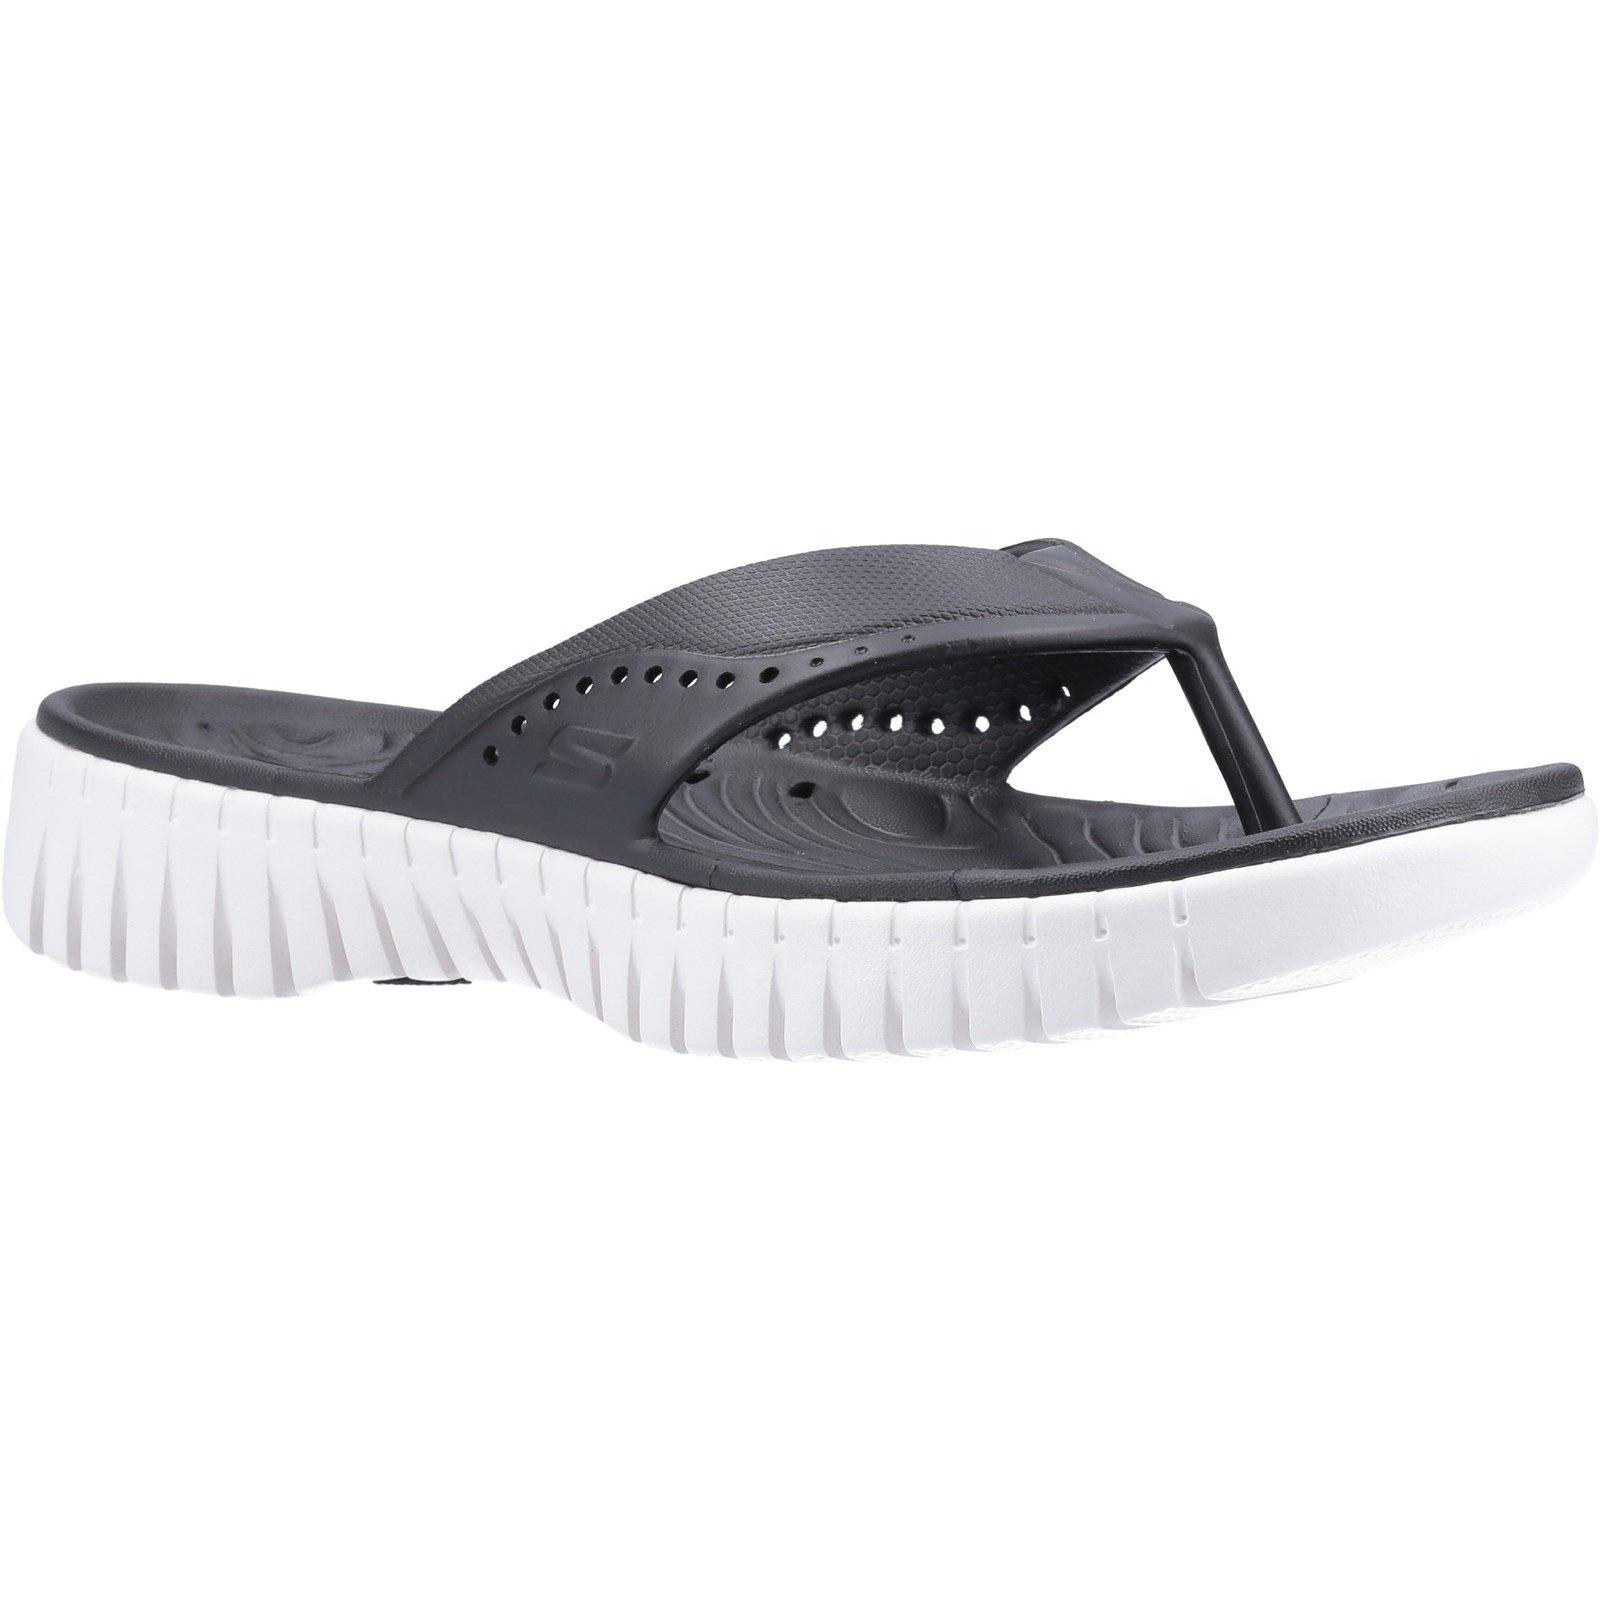 Skechers Women's GOwalk Smart Mahalo Sandal Various Colours 32371 - Black/White 3